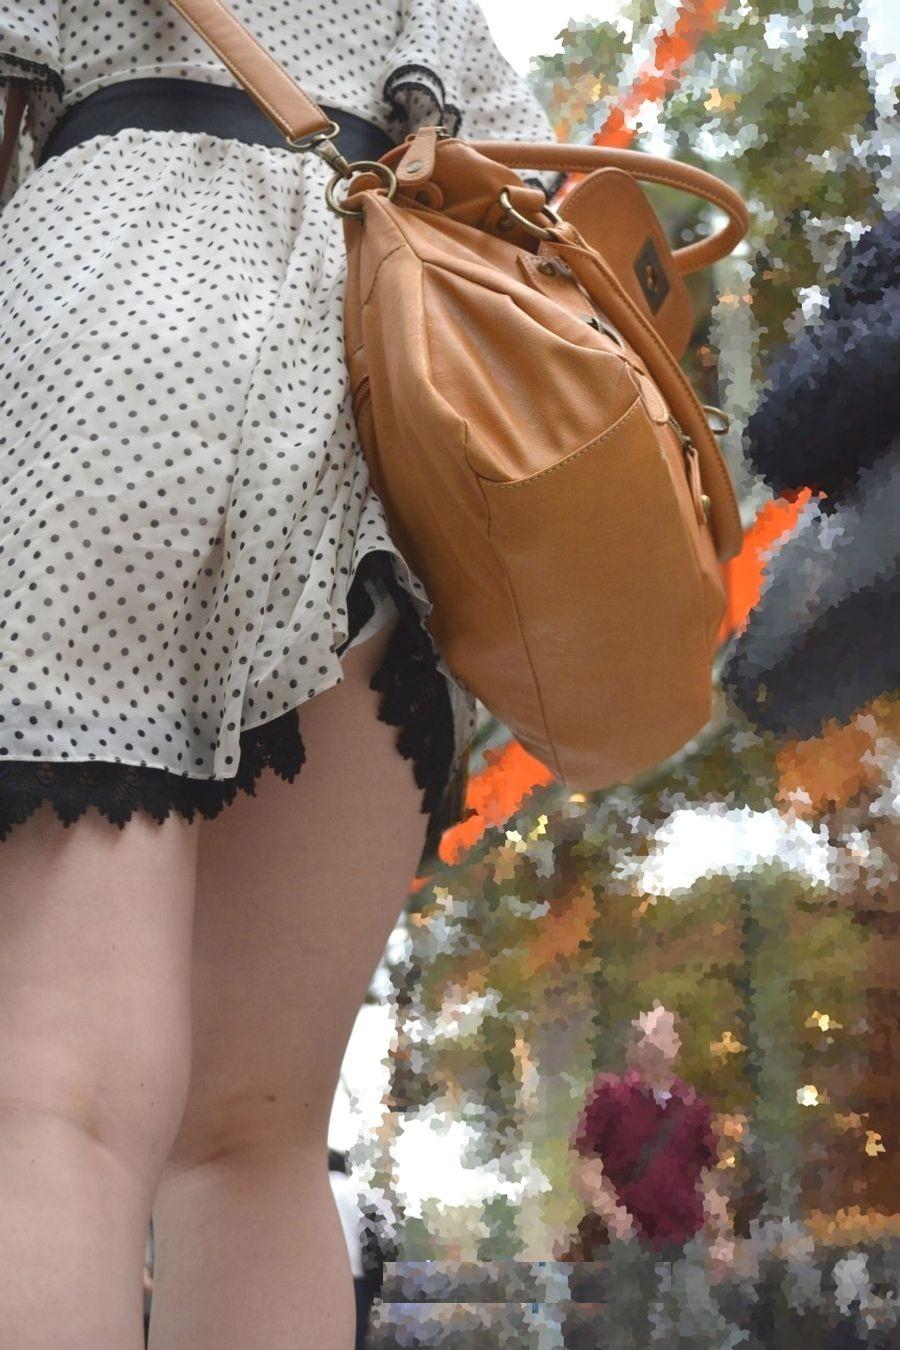 鞄 パンチラ バッグ スカート 引っ掛かる パンツ ハプニング エロ画像【6】